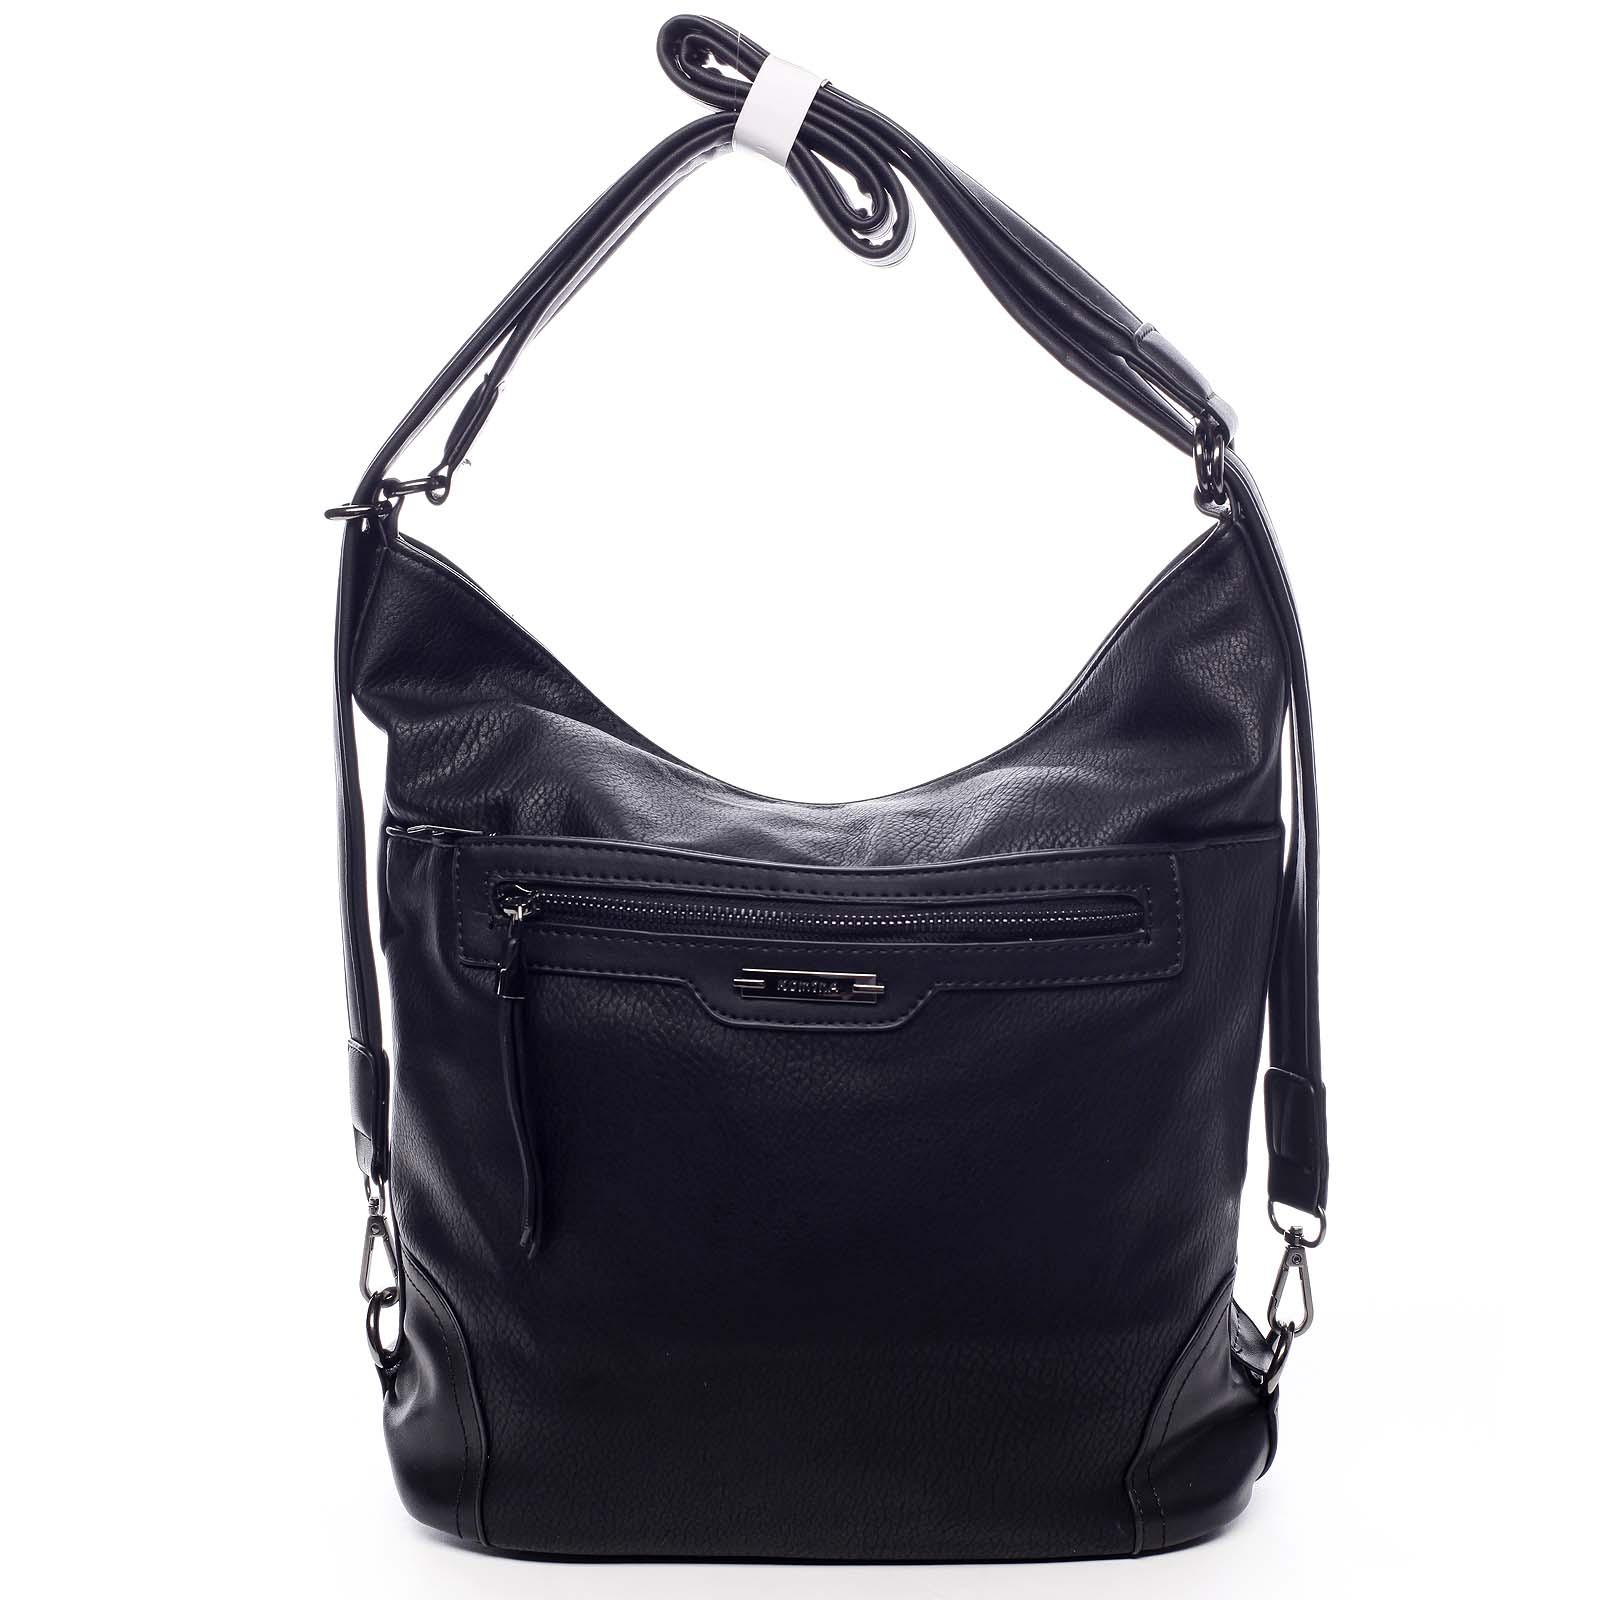 Dámská kabelka batoh černá - Romina Zilla